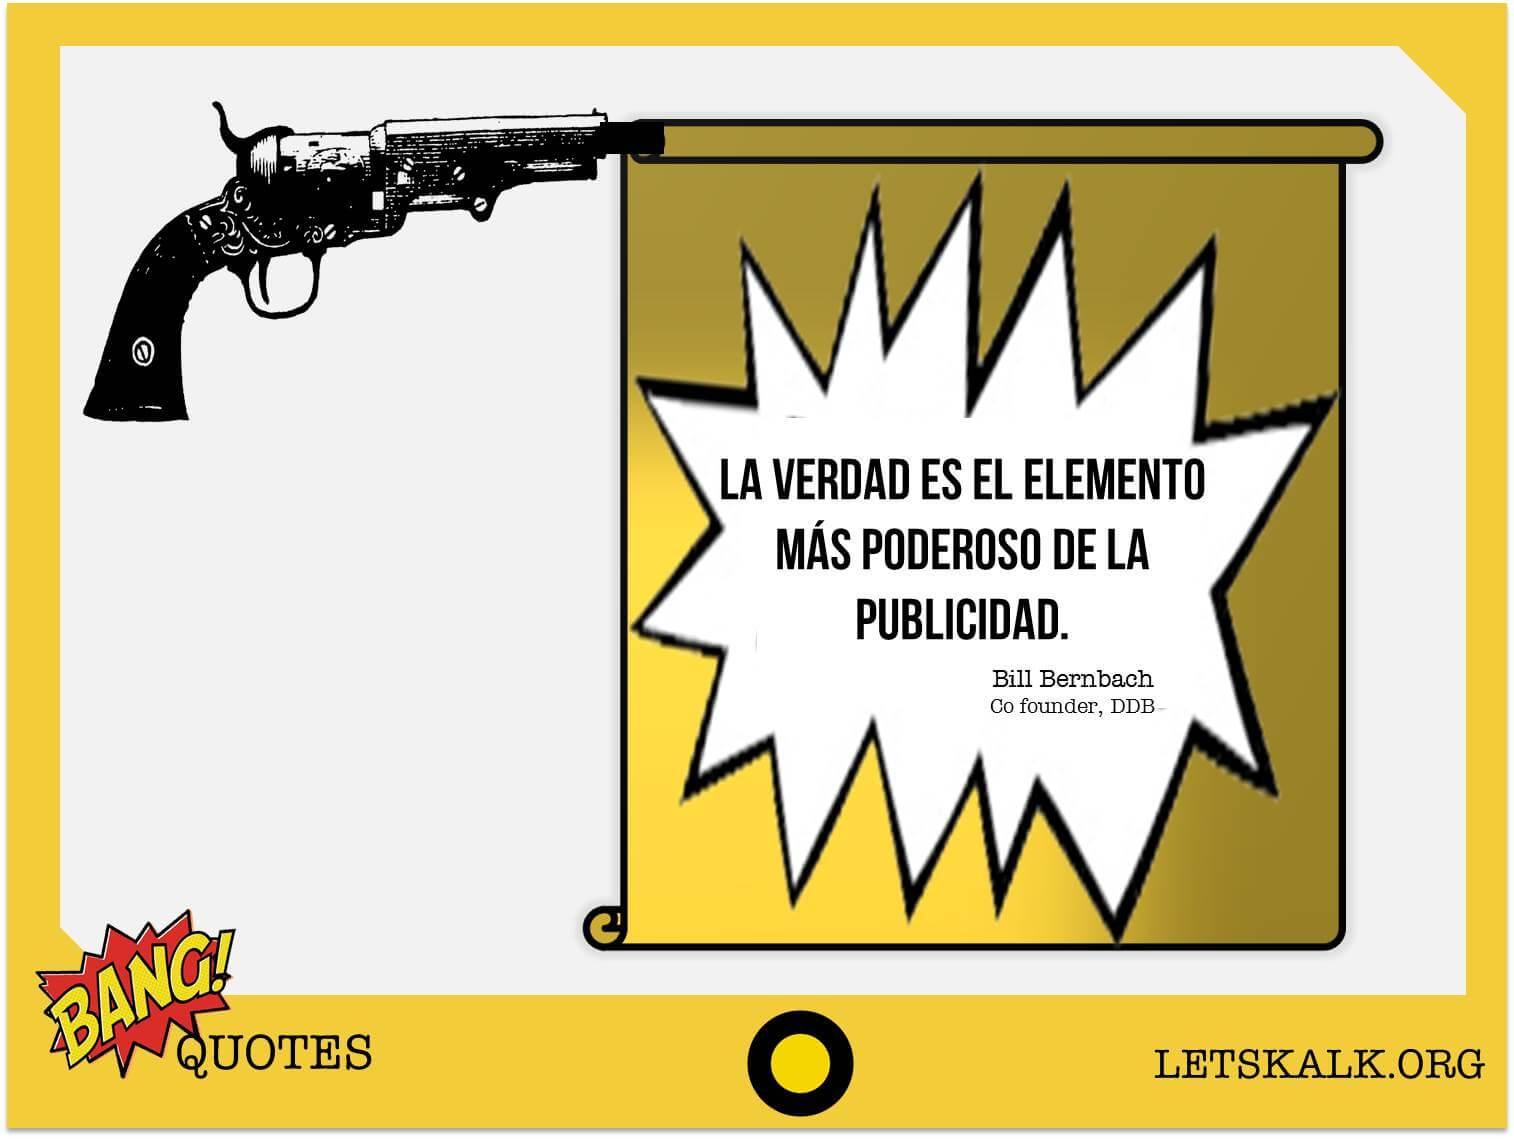 """#BangQuotes: """"La verdad es el elemento más poderoso de la publicidad."""""""